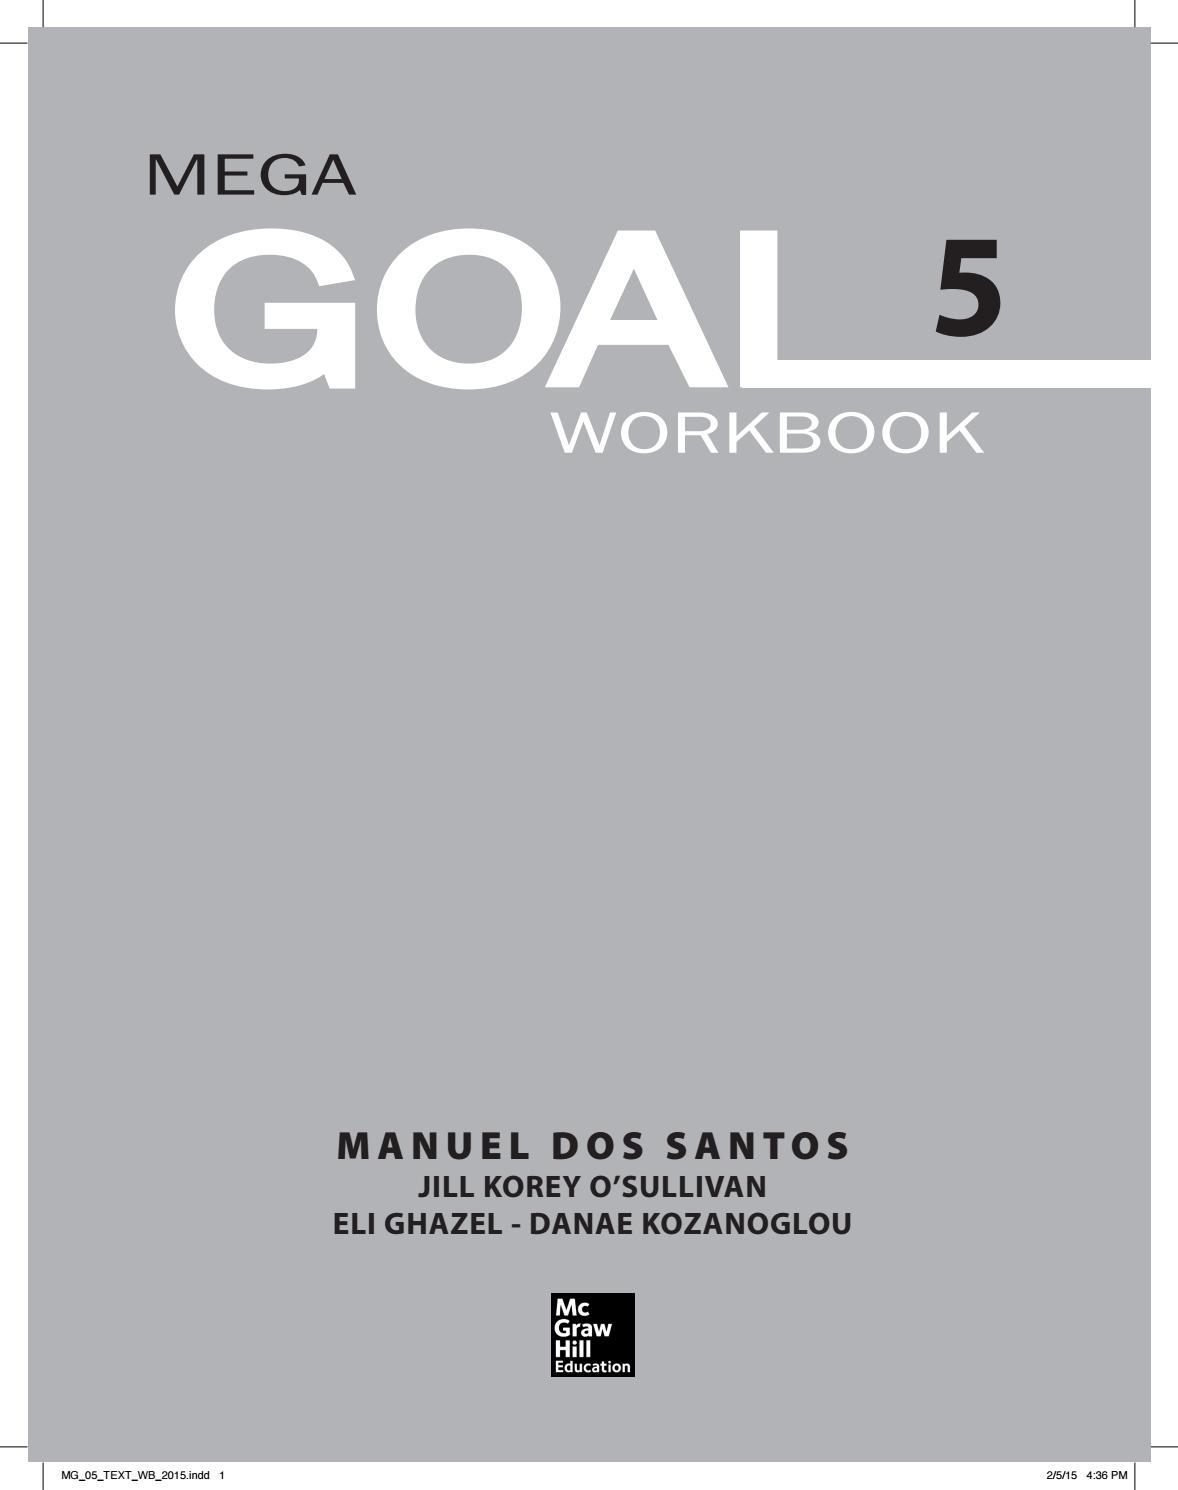 mega goal workbook 5 by whbi zahrani - issuu